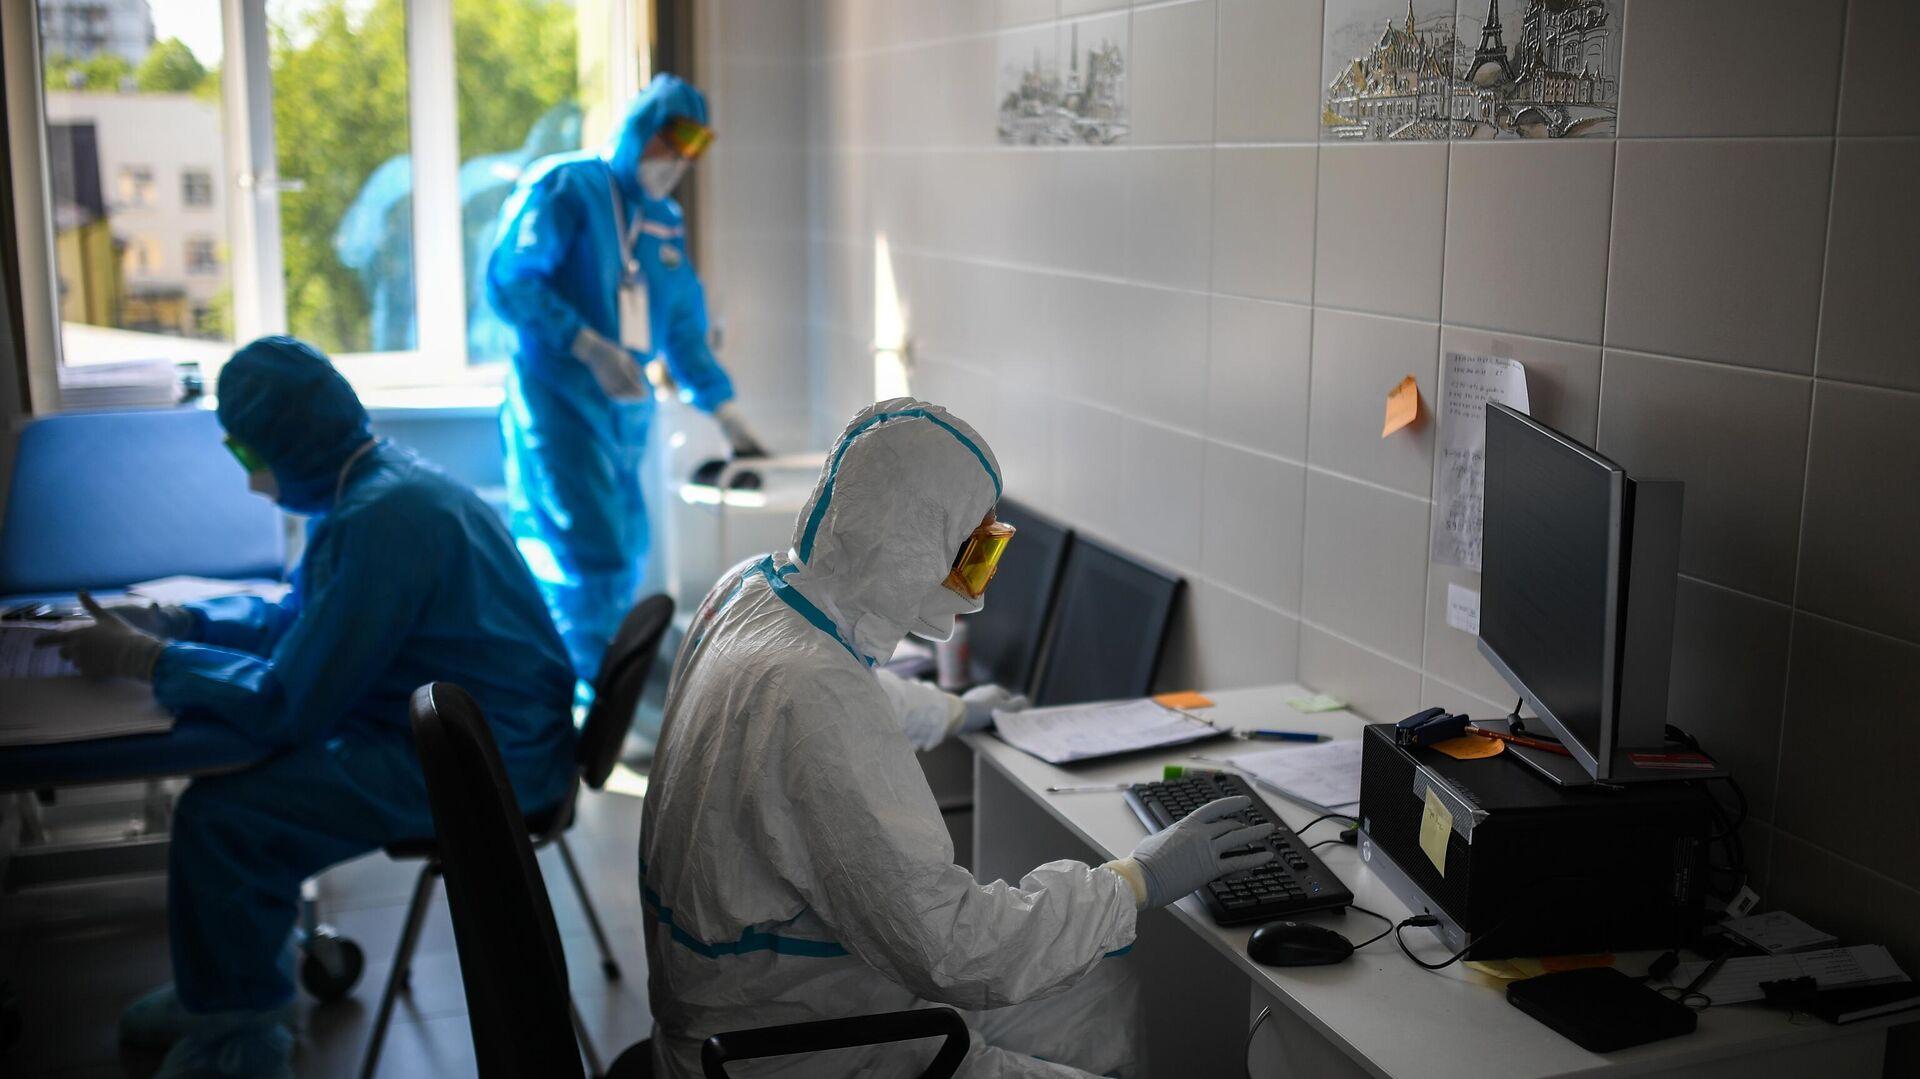 1572529107 0:161:3071:1888 1920x0 80 0 0 0d833c78436dbdc214aa7fabee2c2d86 - В России выявили 7867 новых случаев коронавируса